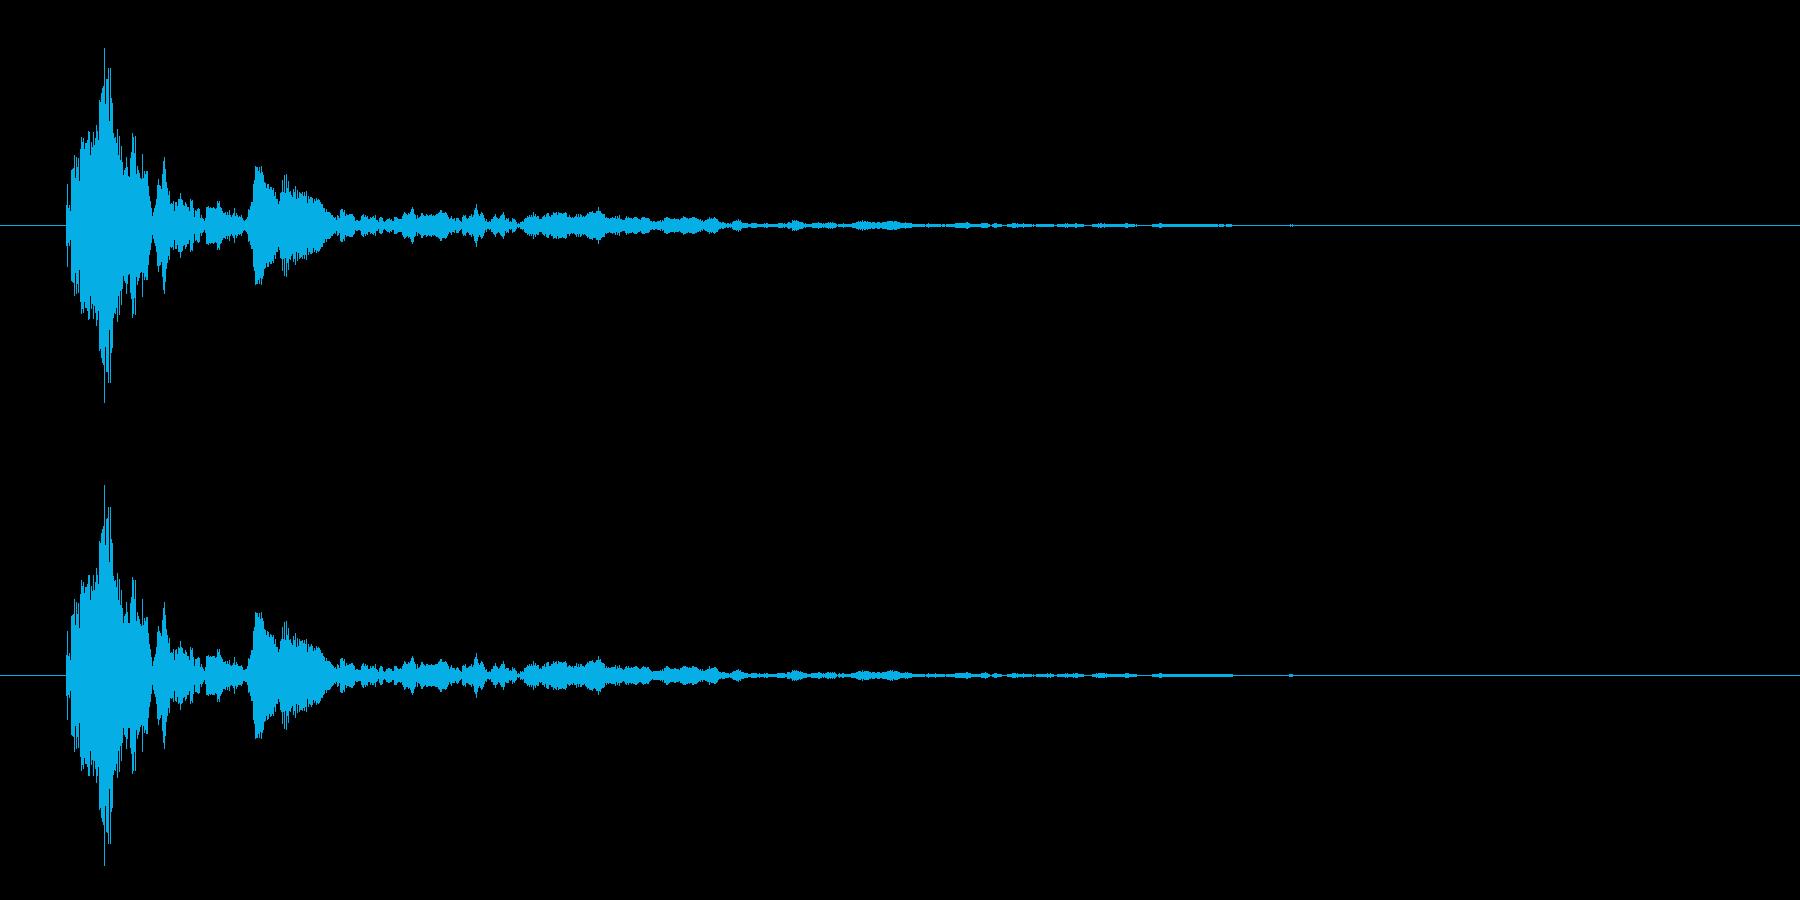 拍子木の音 カーン 火の用心の再生済みの波形